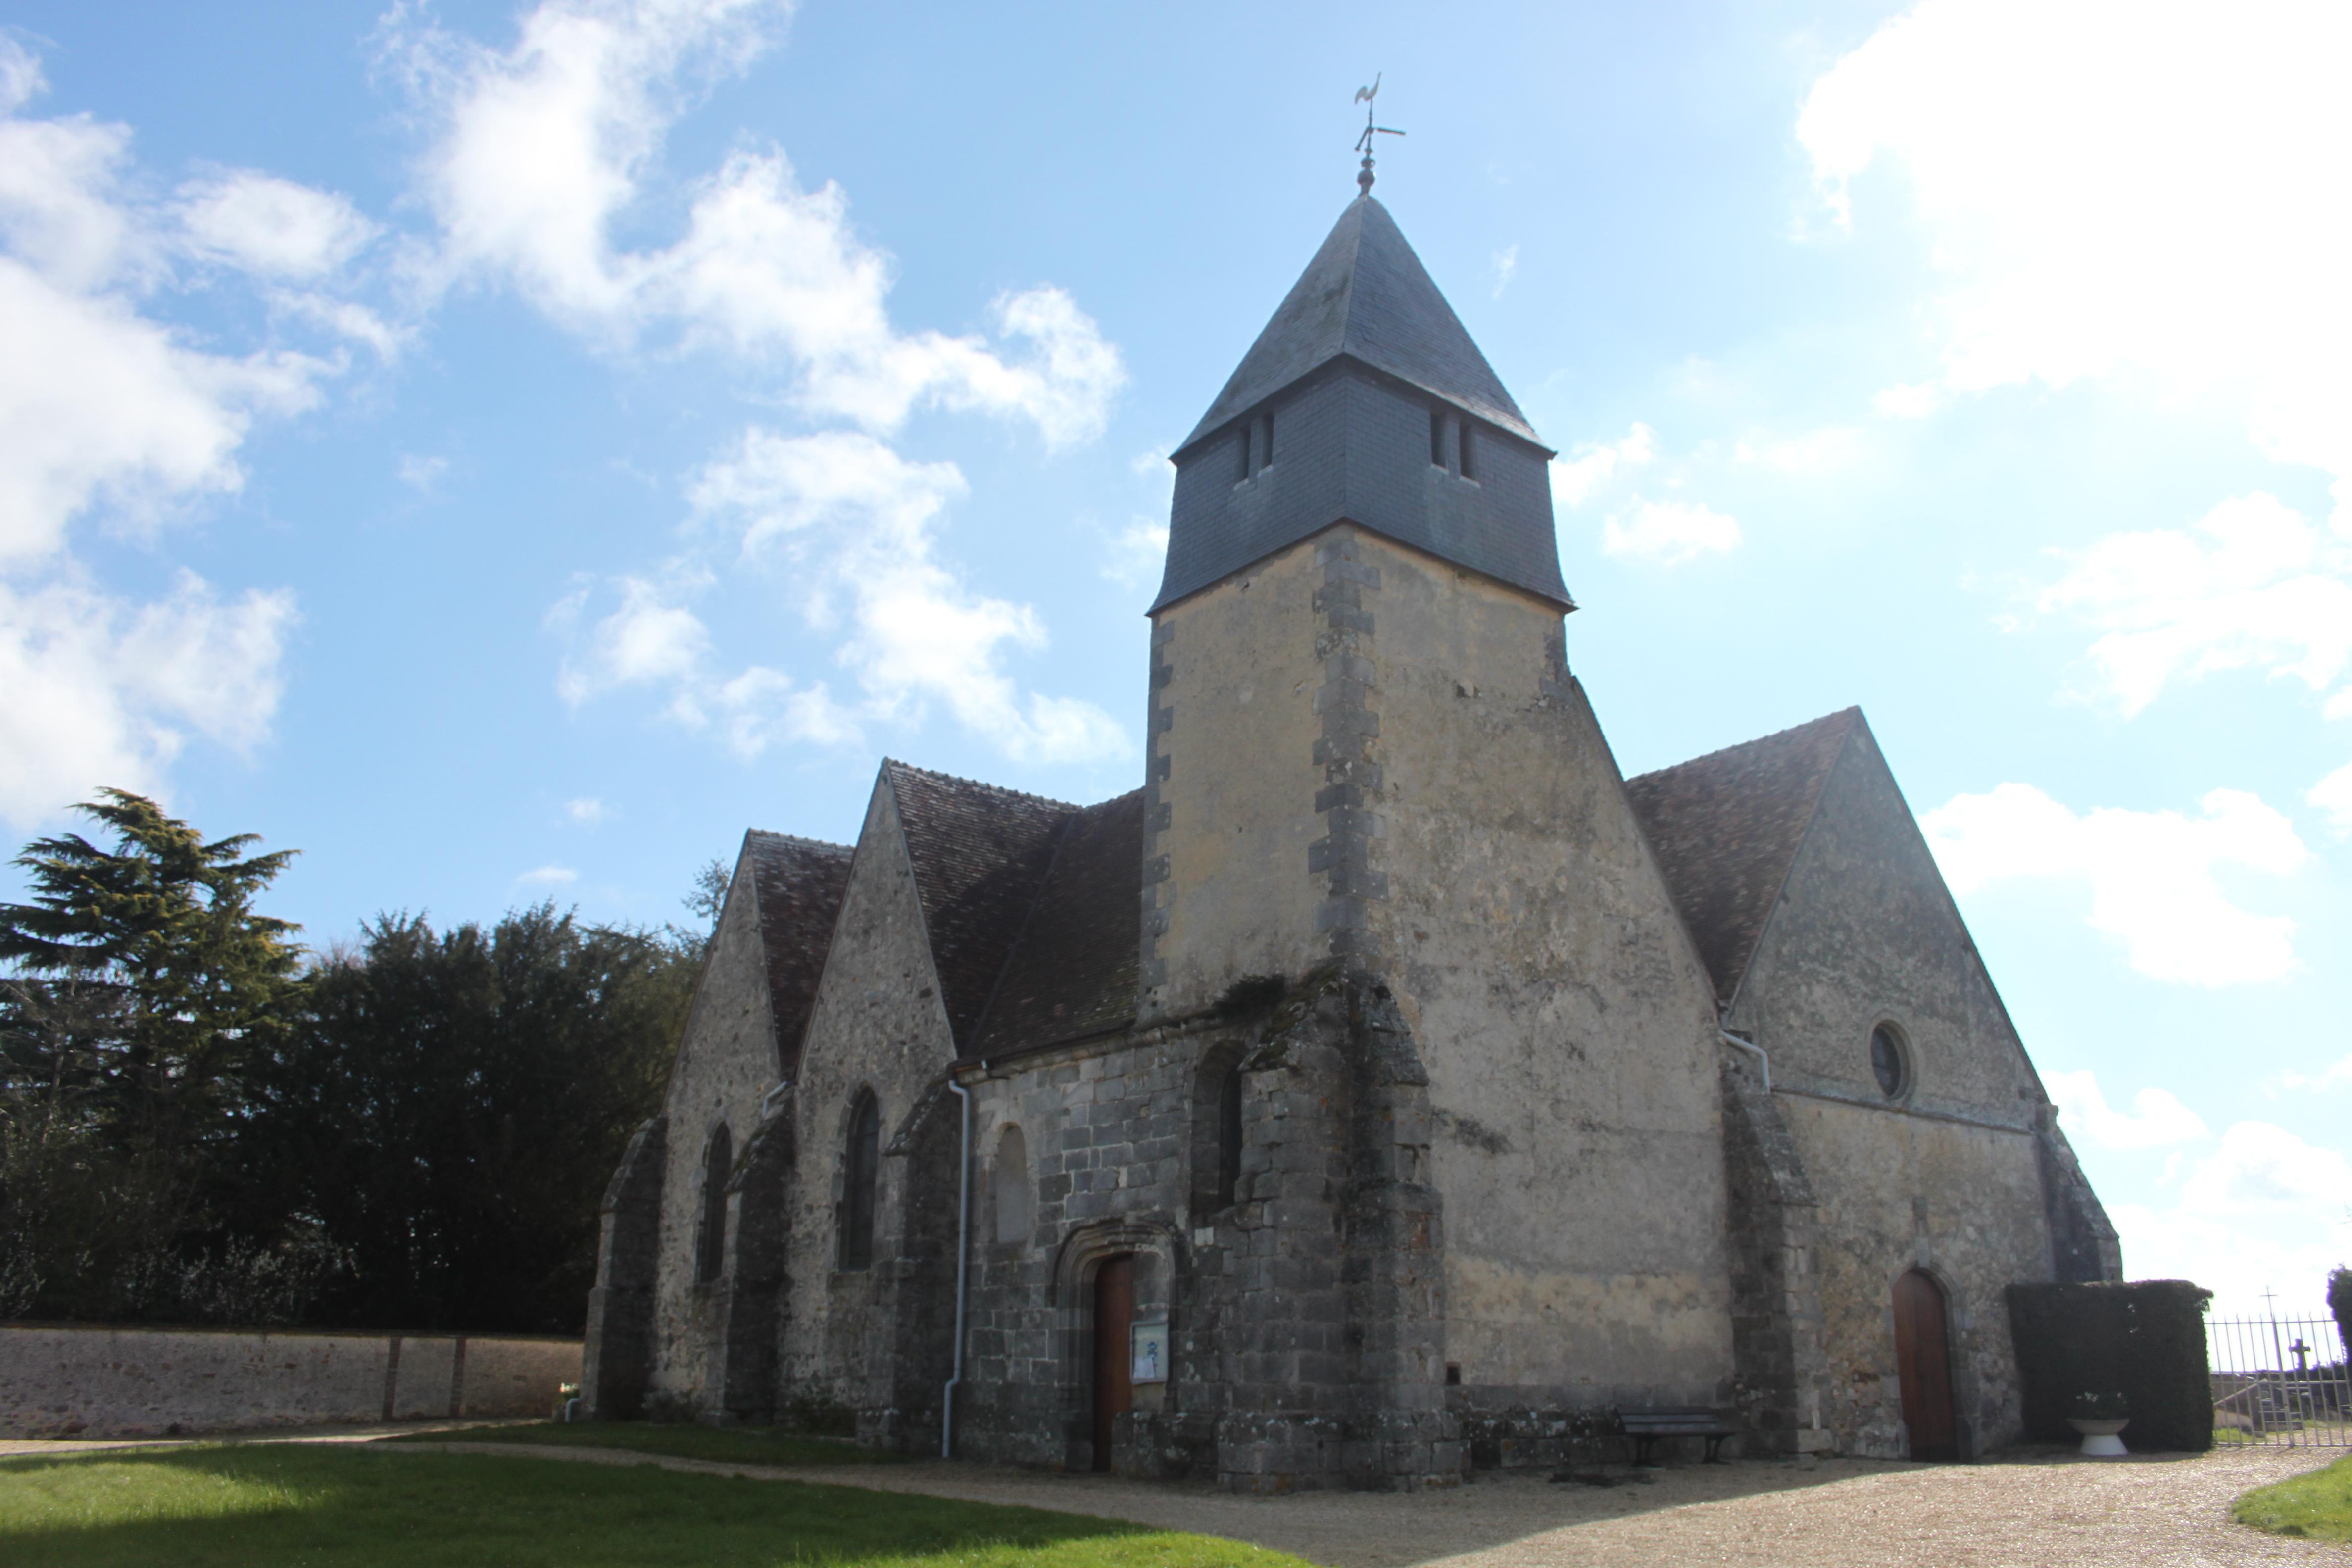 Saint-Martin-de-Nigelles